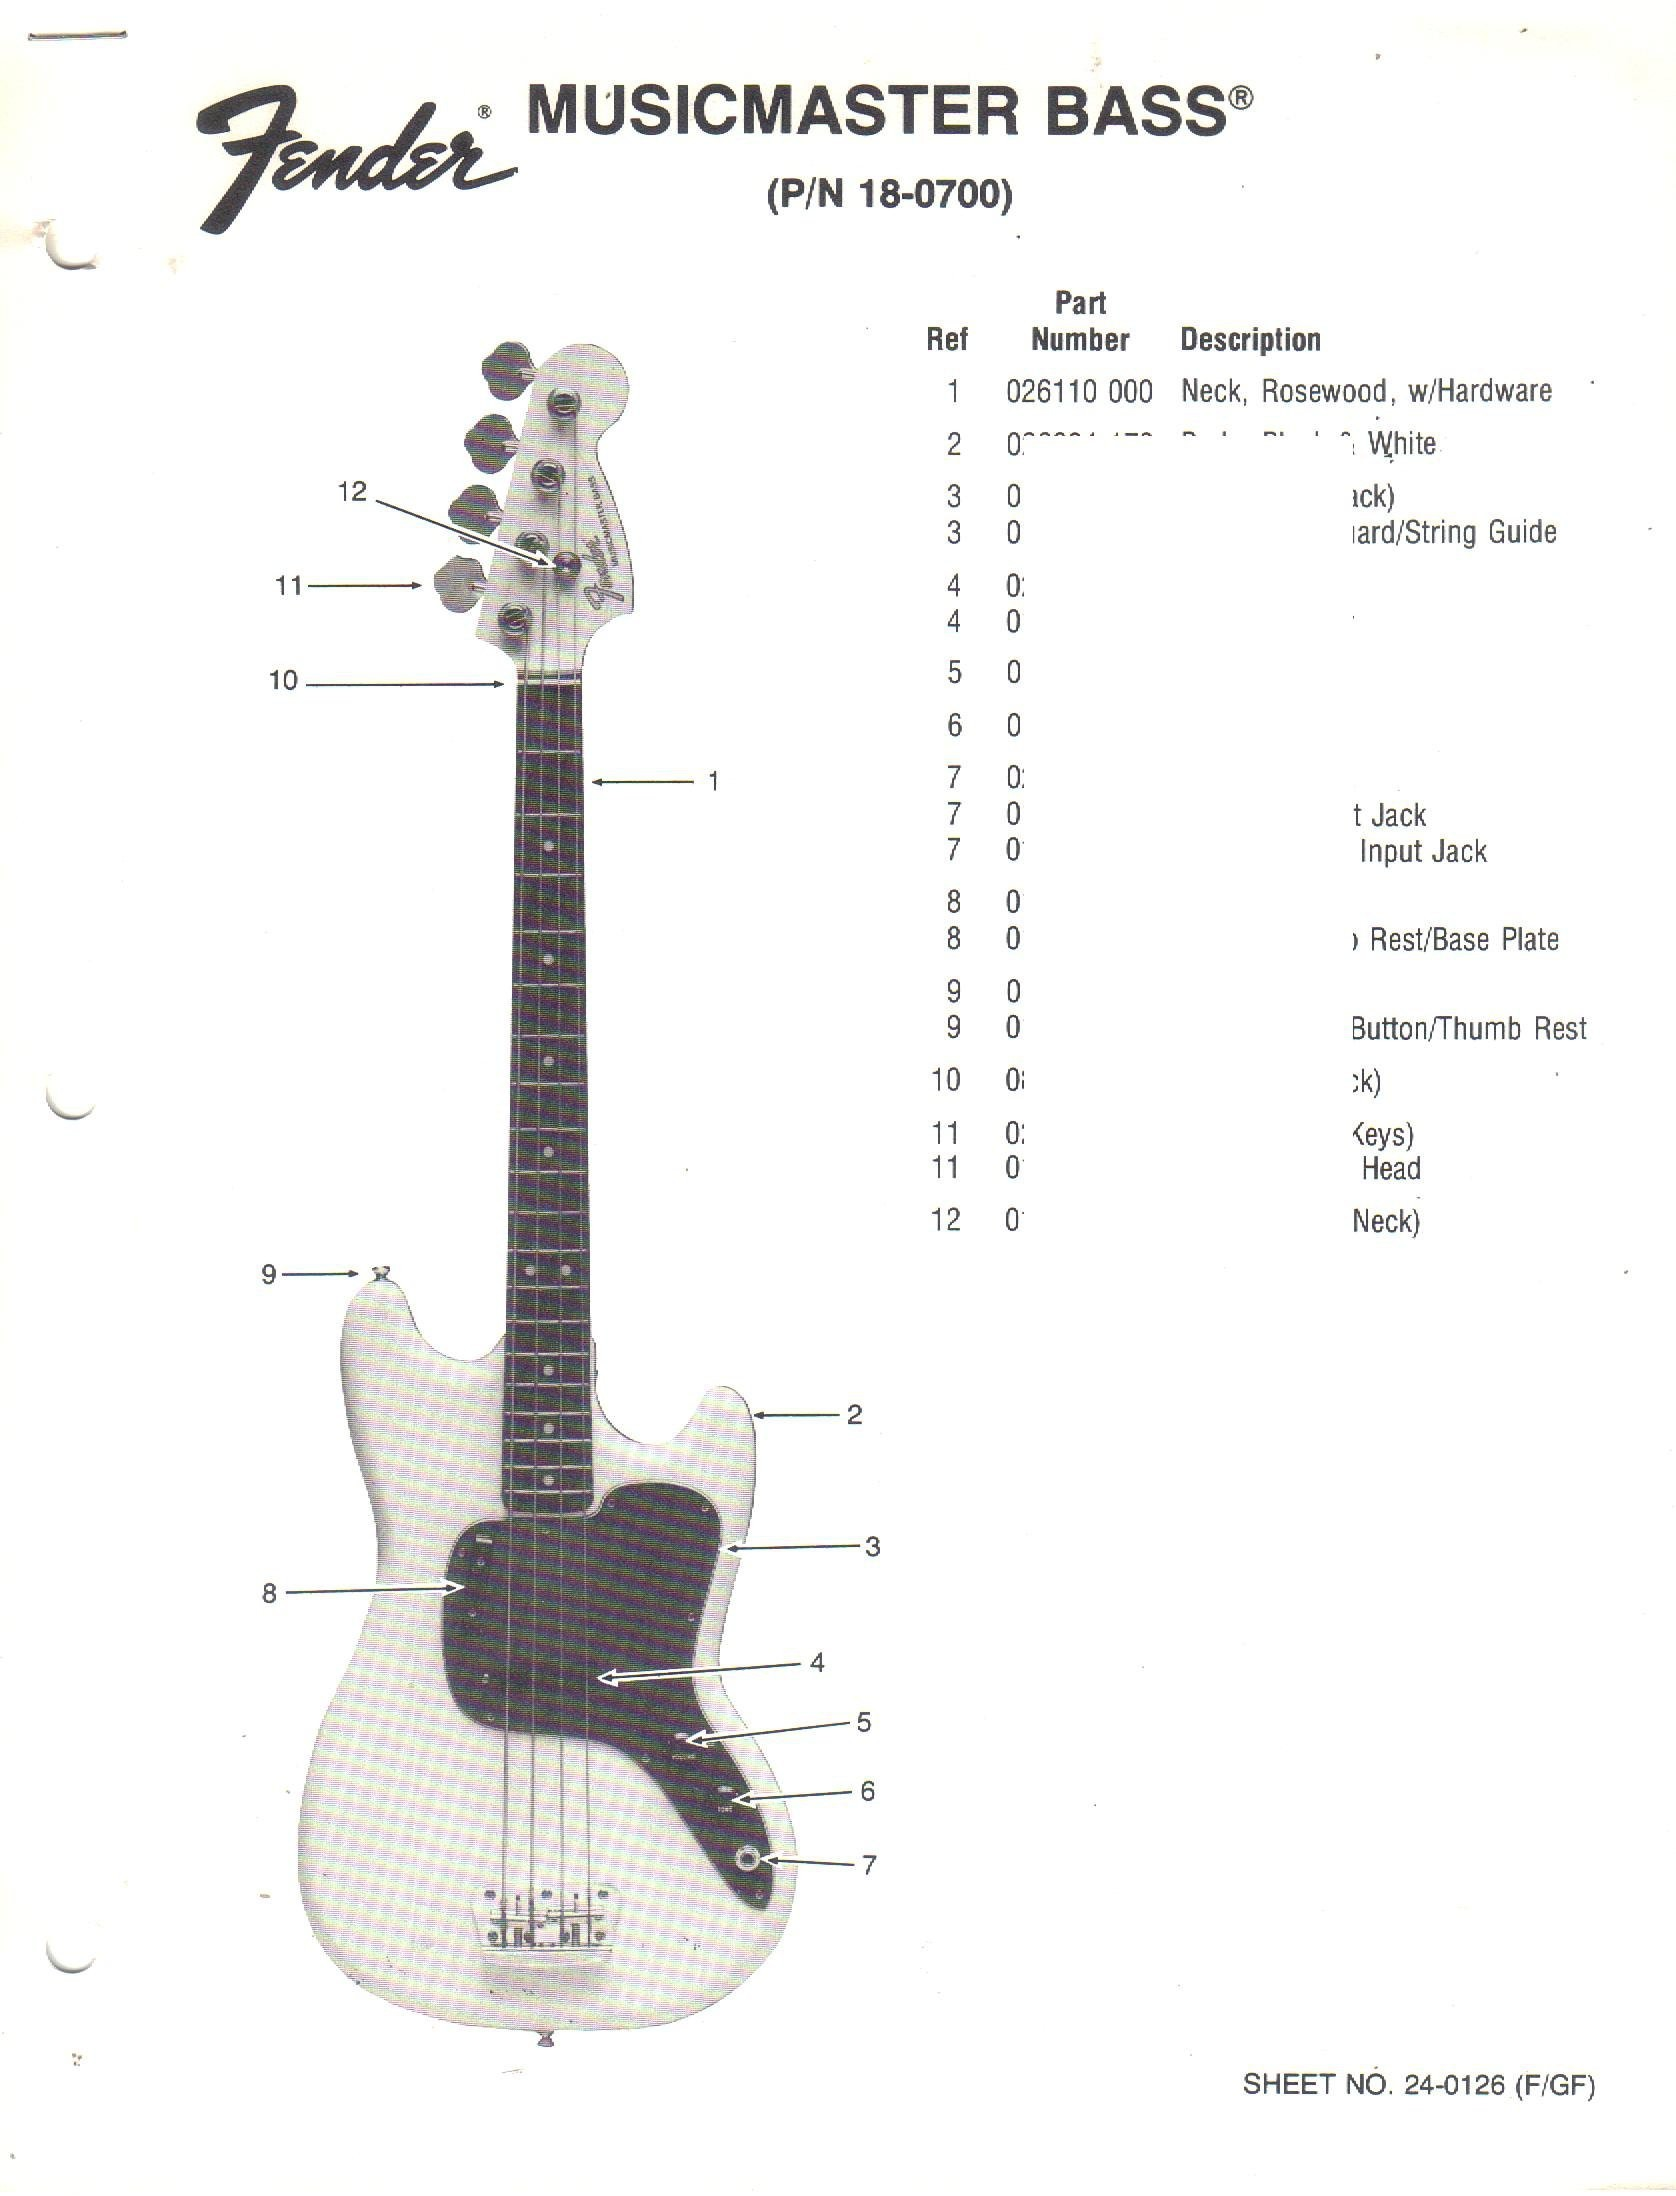 Fender Precision Bass Wiring Diagram Best Fender P Bass Wiring Diagram Contemporary Everything You Need Of Fender Precision Bass Wiring Diagram